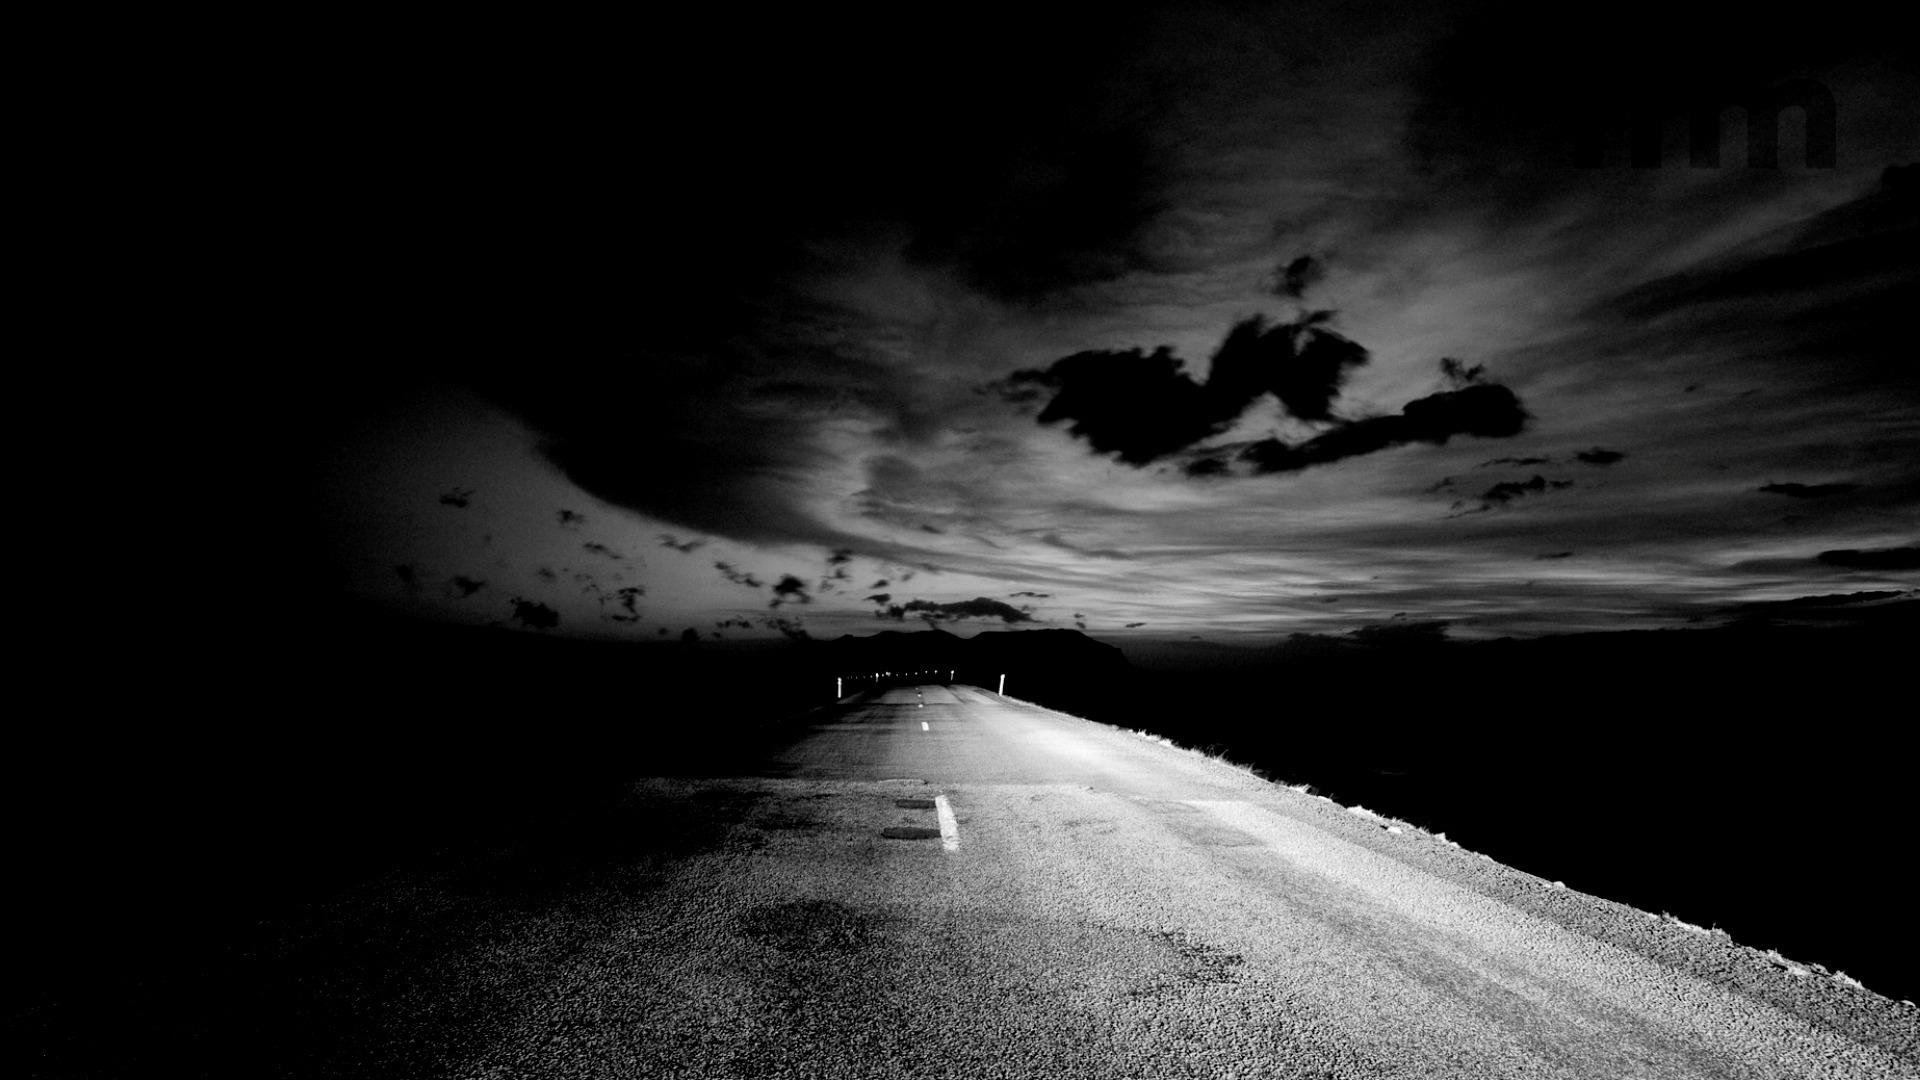 мрачная дорога  № 2508306 бесплатно